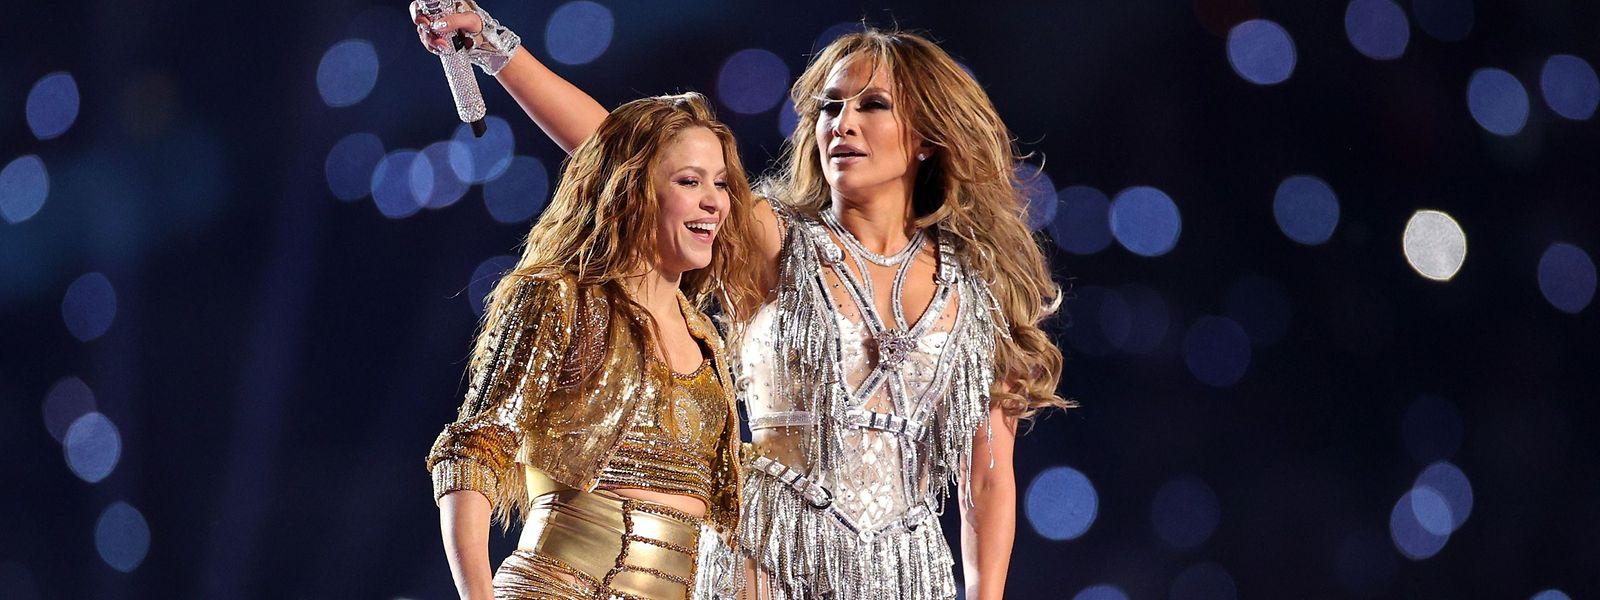 Geballte Latino-Power: Shakira and Jennifer Lopez während der Halbzeitshow des Super Bowl LIV.